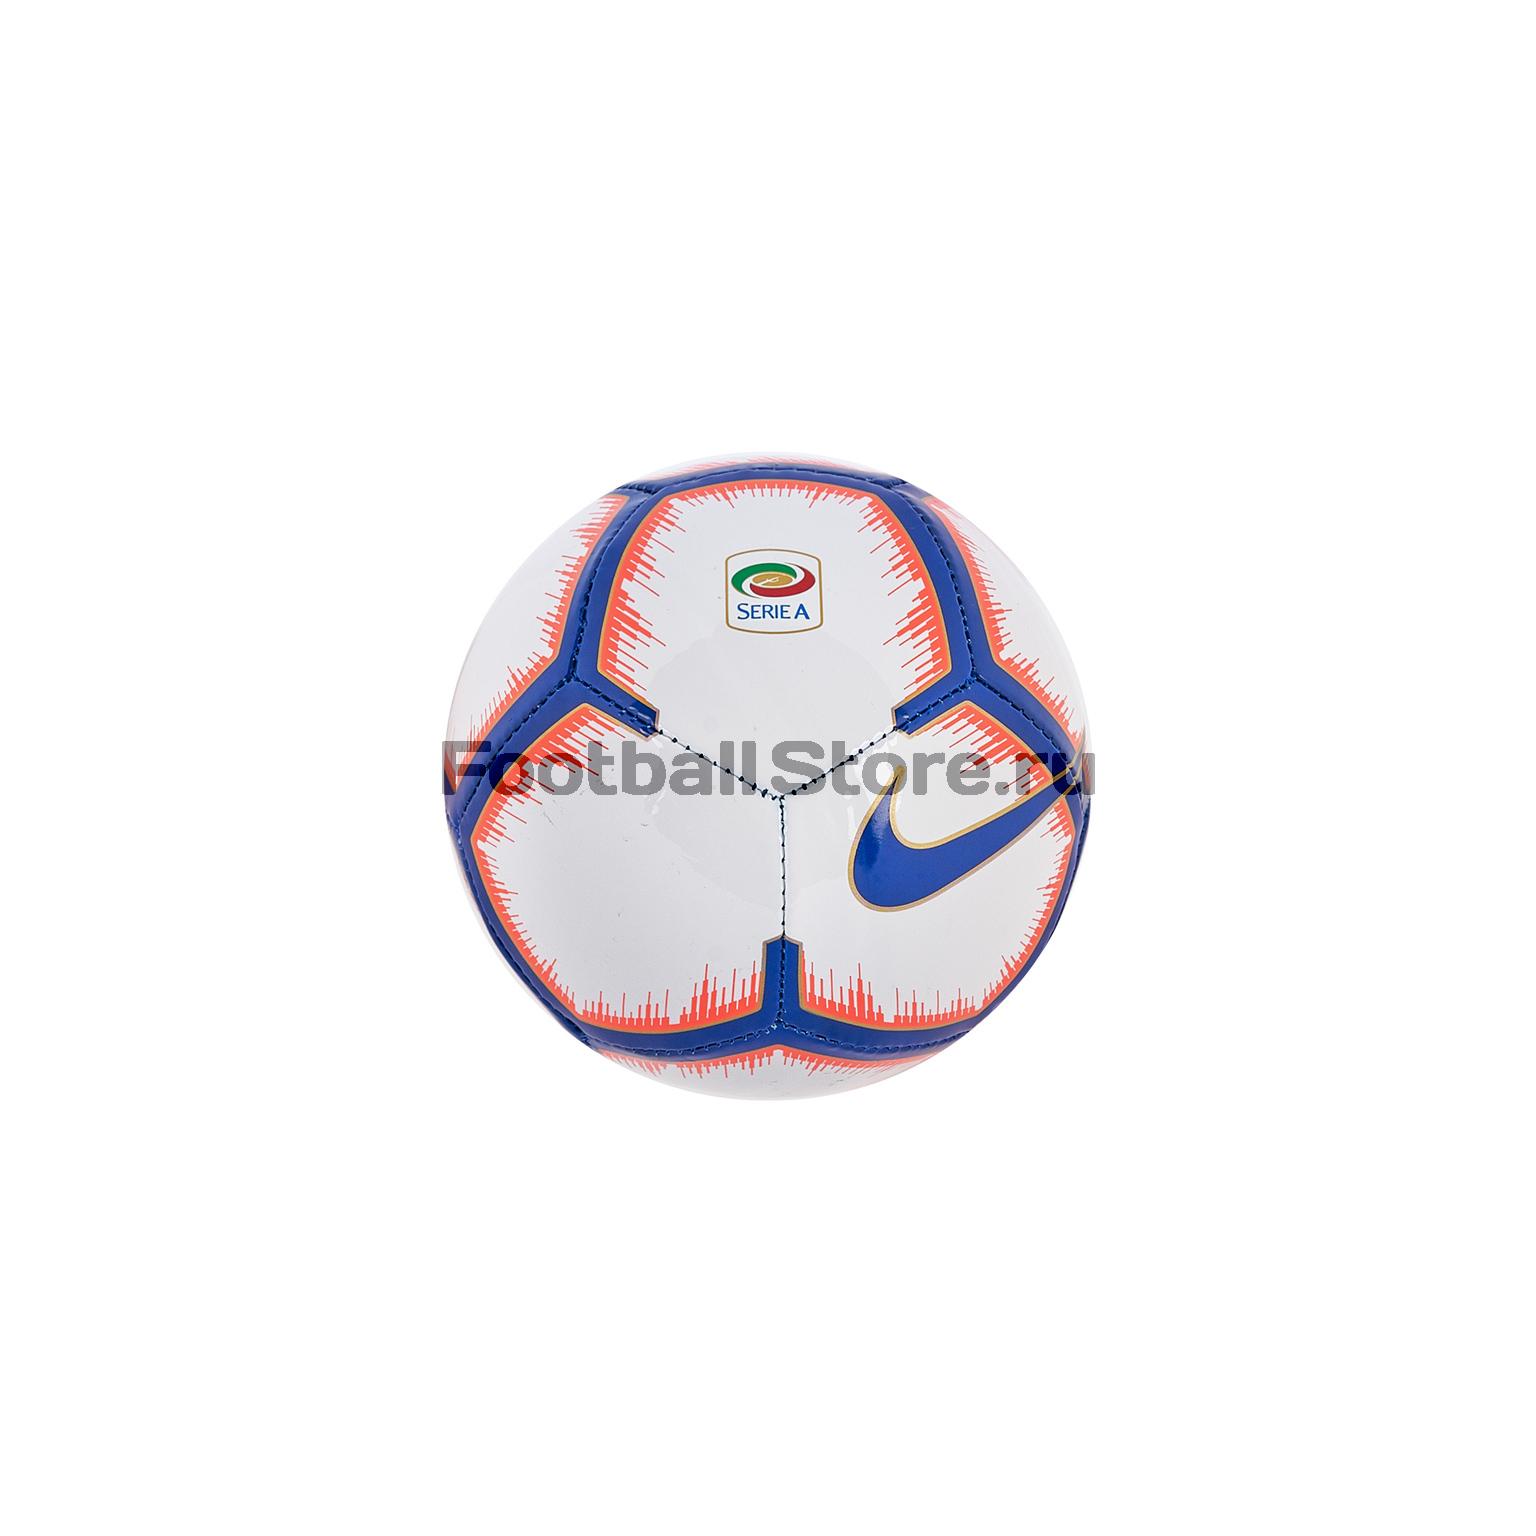 купить Мяч сувенирный Nike Serie A SC3375-100 по цене 1090 рублей